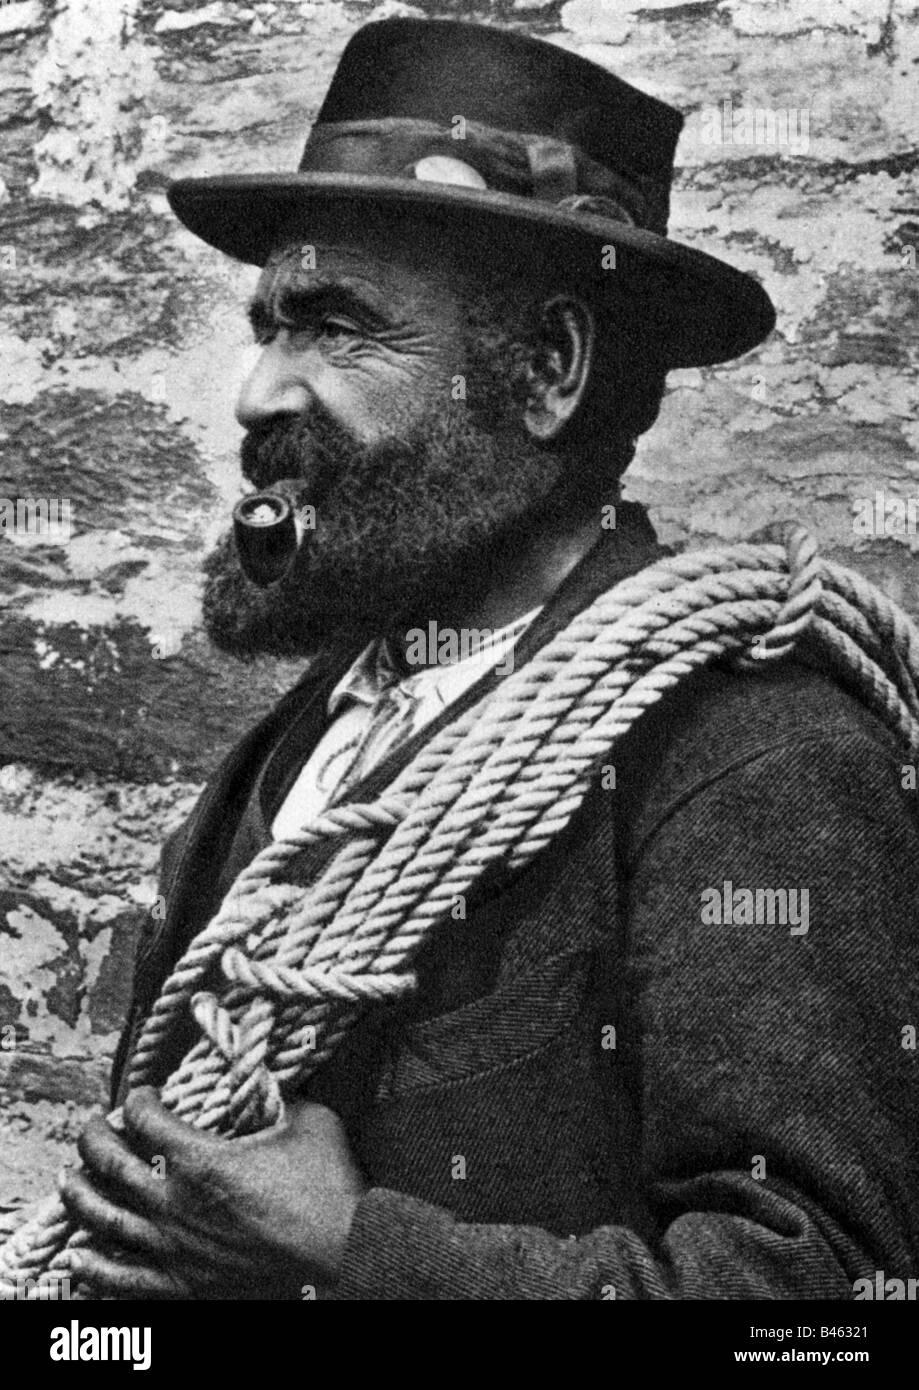 mountaineering, mountain guides, Alexander Burgener, 1846 - 1910, Eisten, Saasertal, photogravure, 1938, mountaineer, - Stock Image